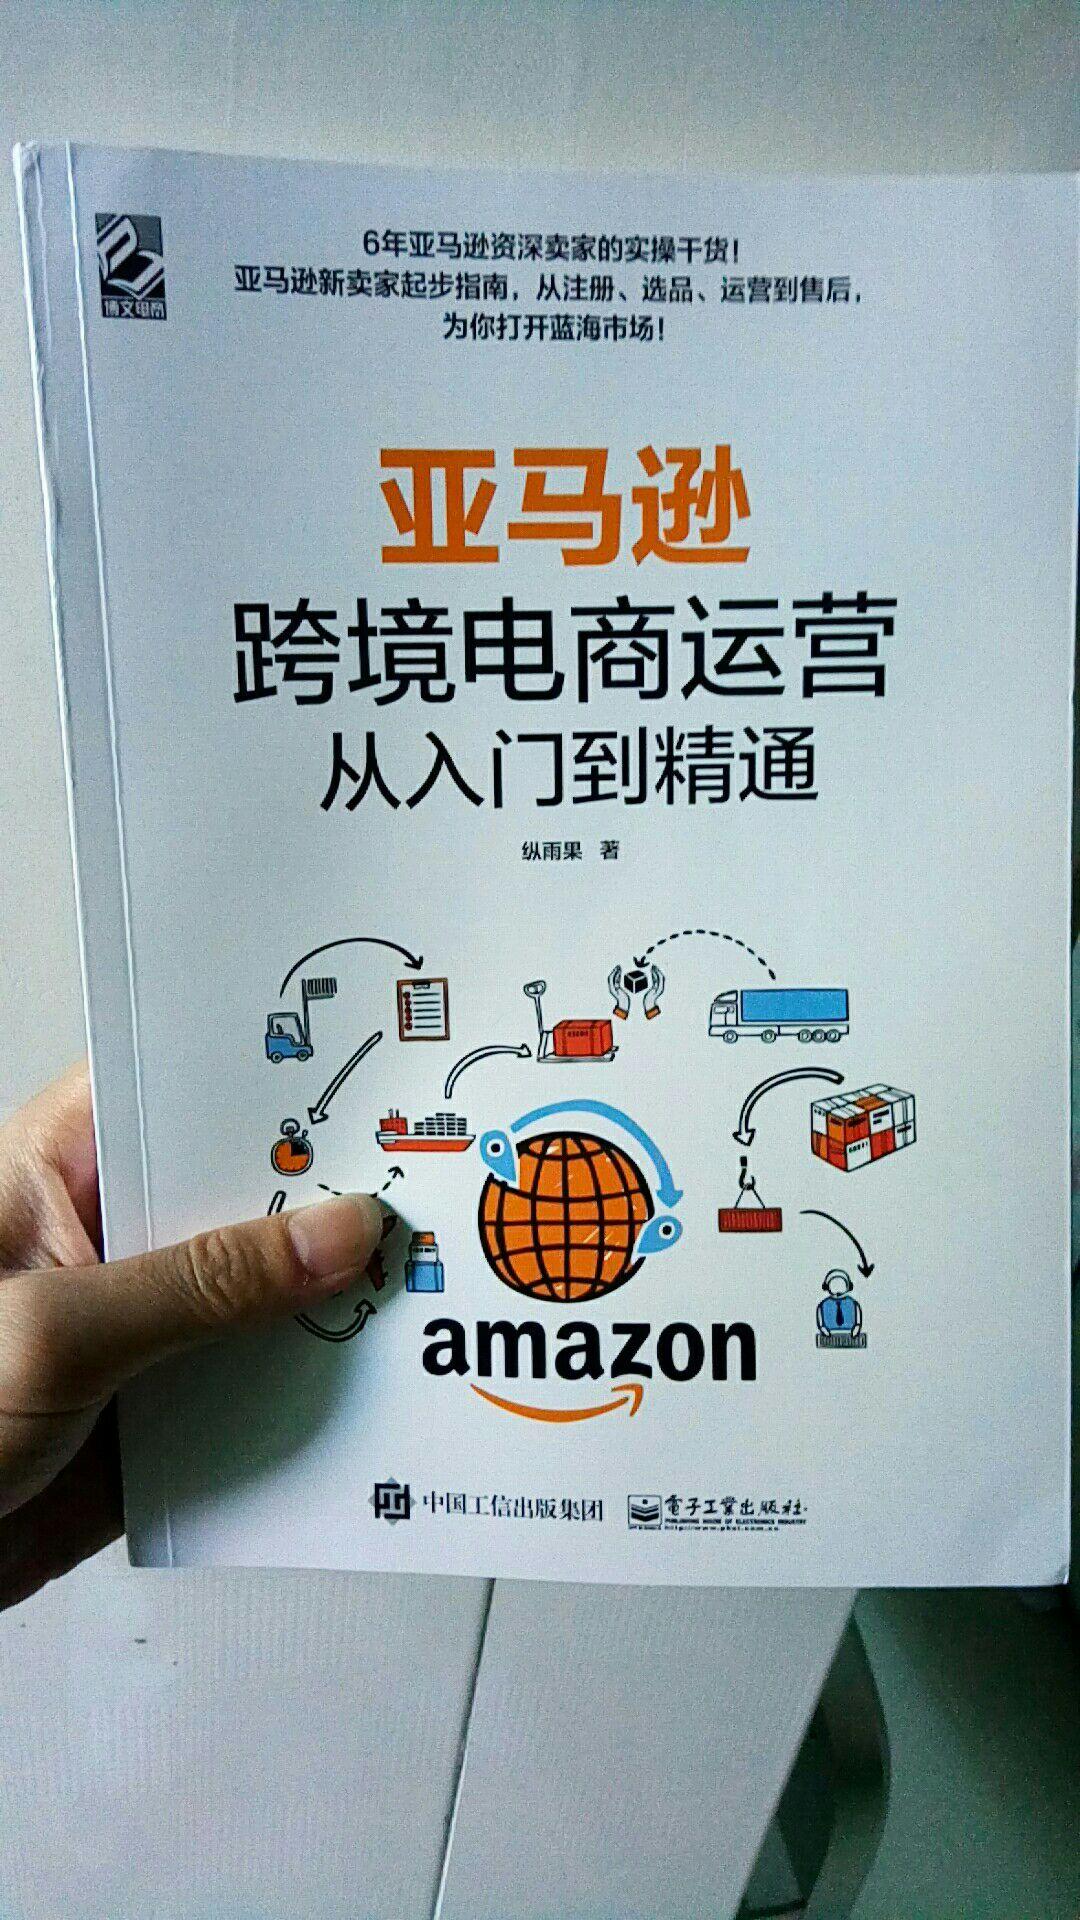 2019年想做跨境电商,可以看看这本亚马逊运营书